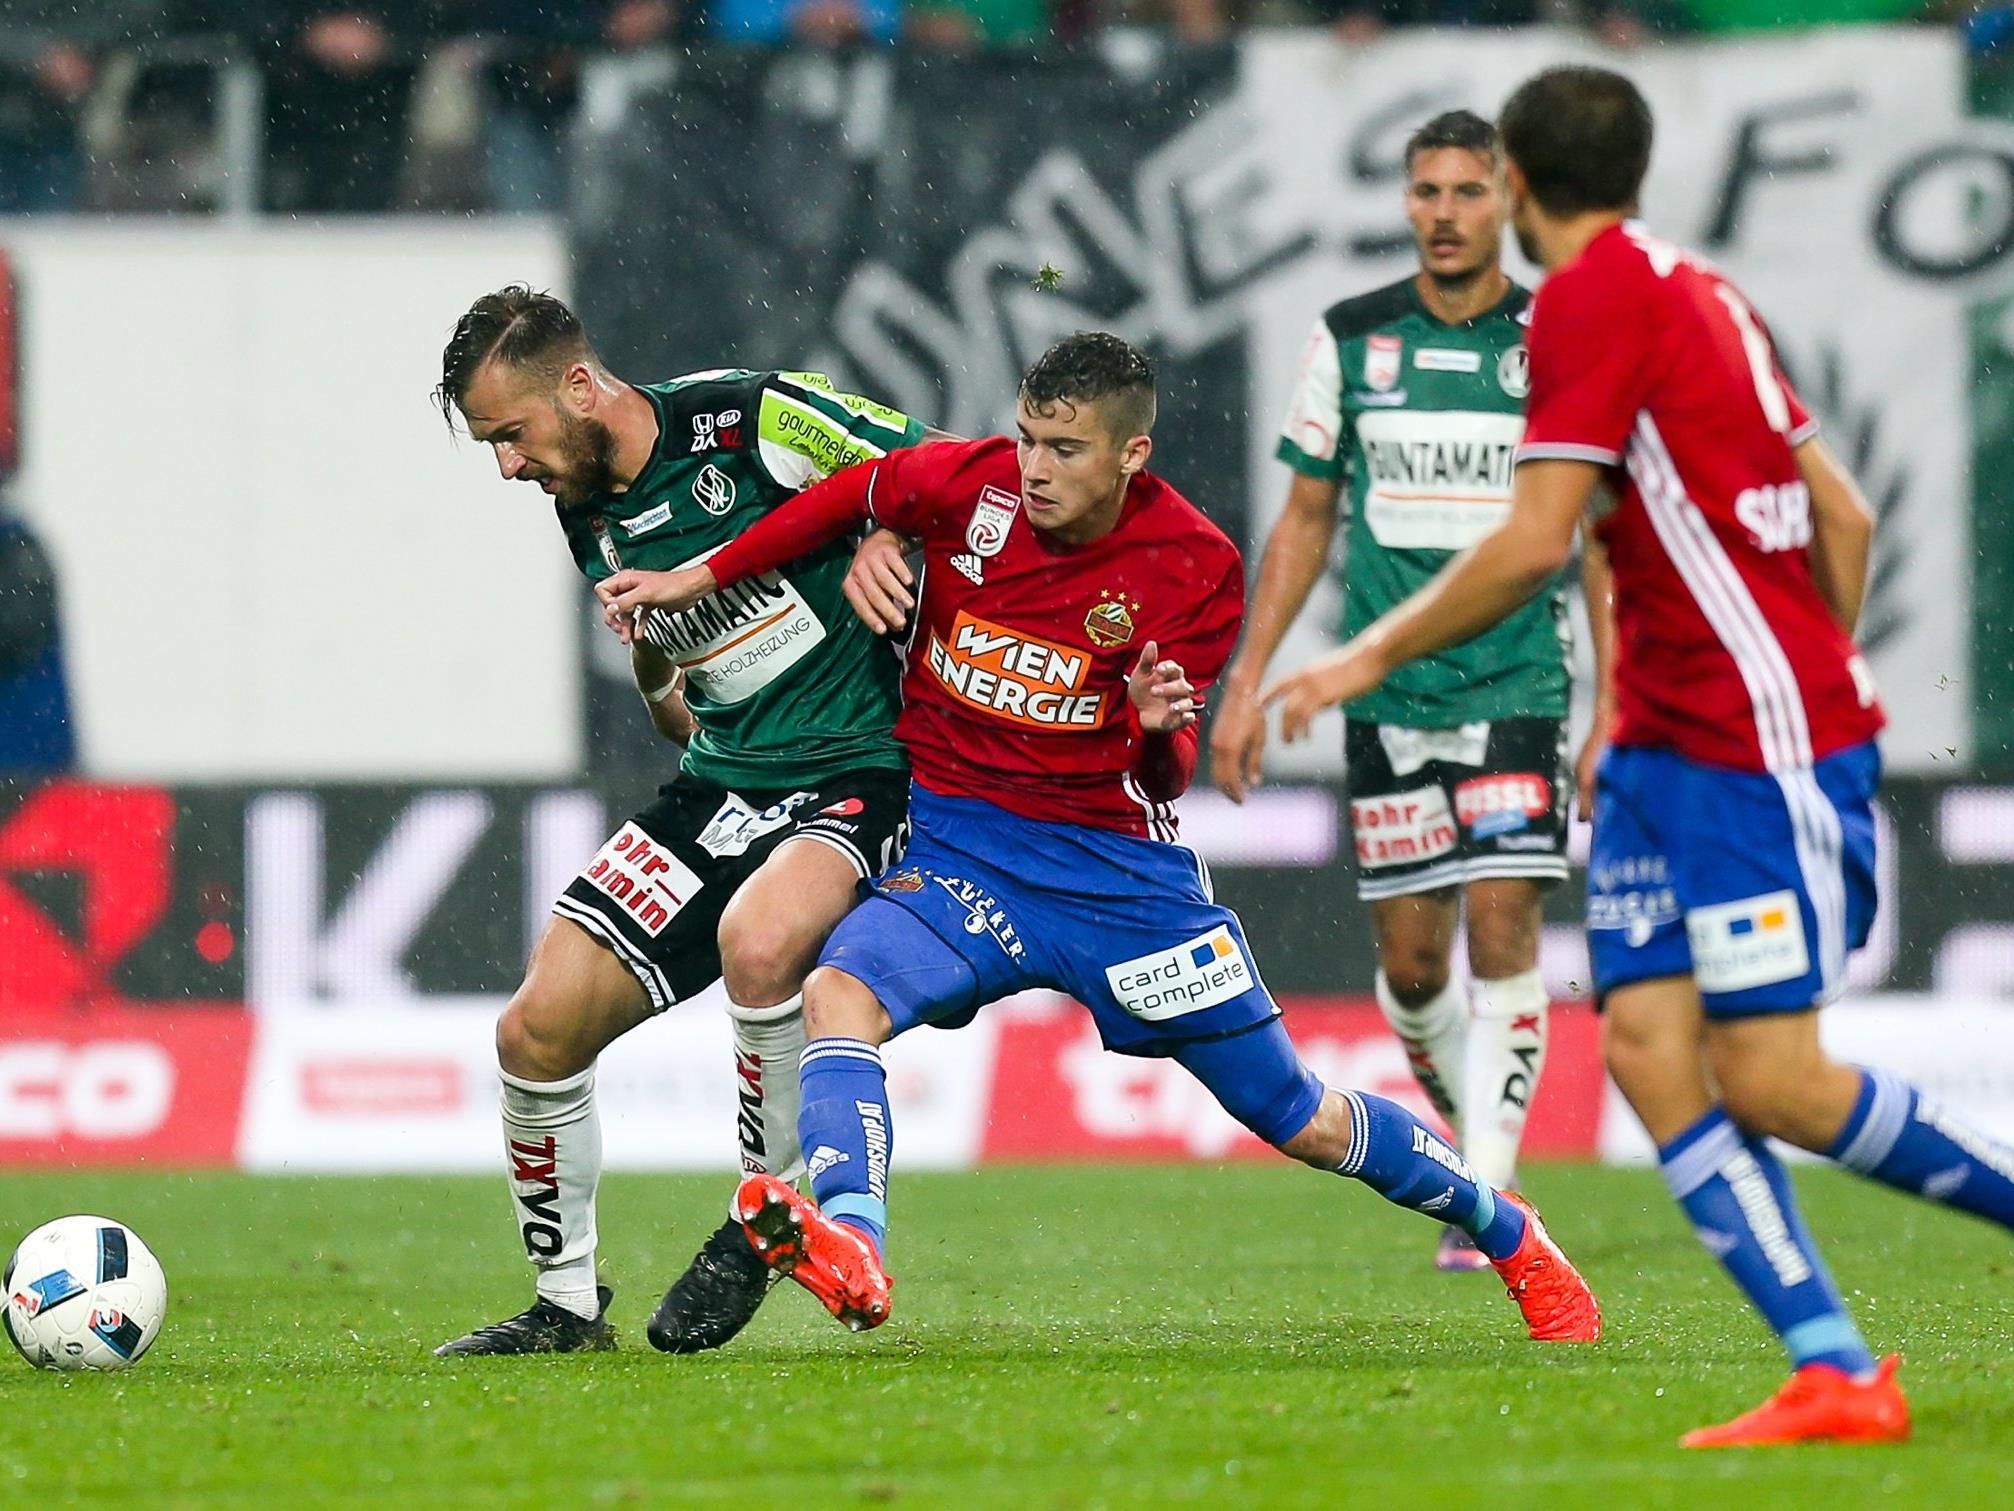 Rapid empfängt im letzten Heimspiel des Jahres die SV Ried.